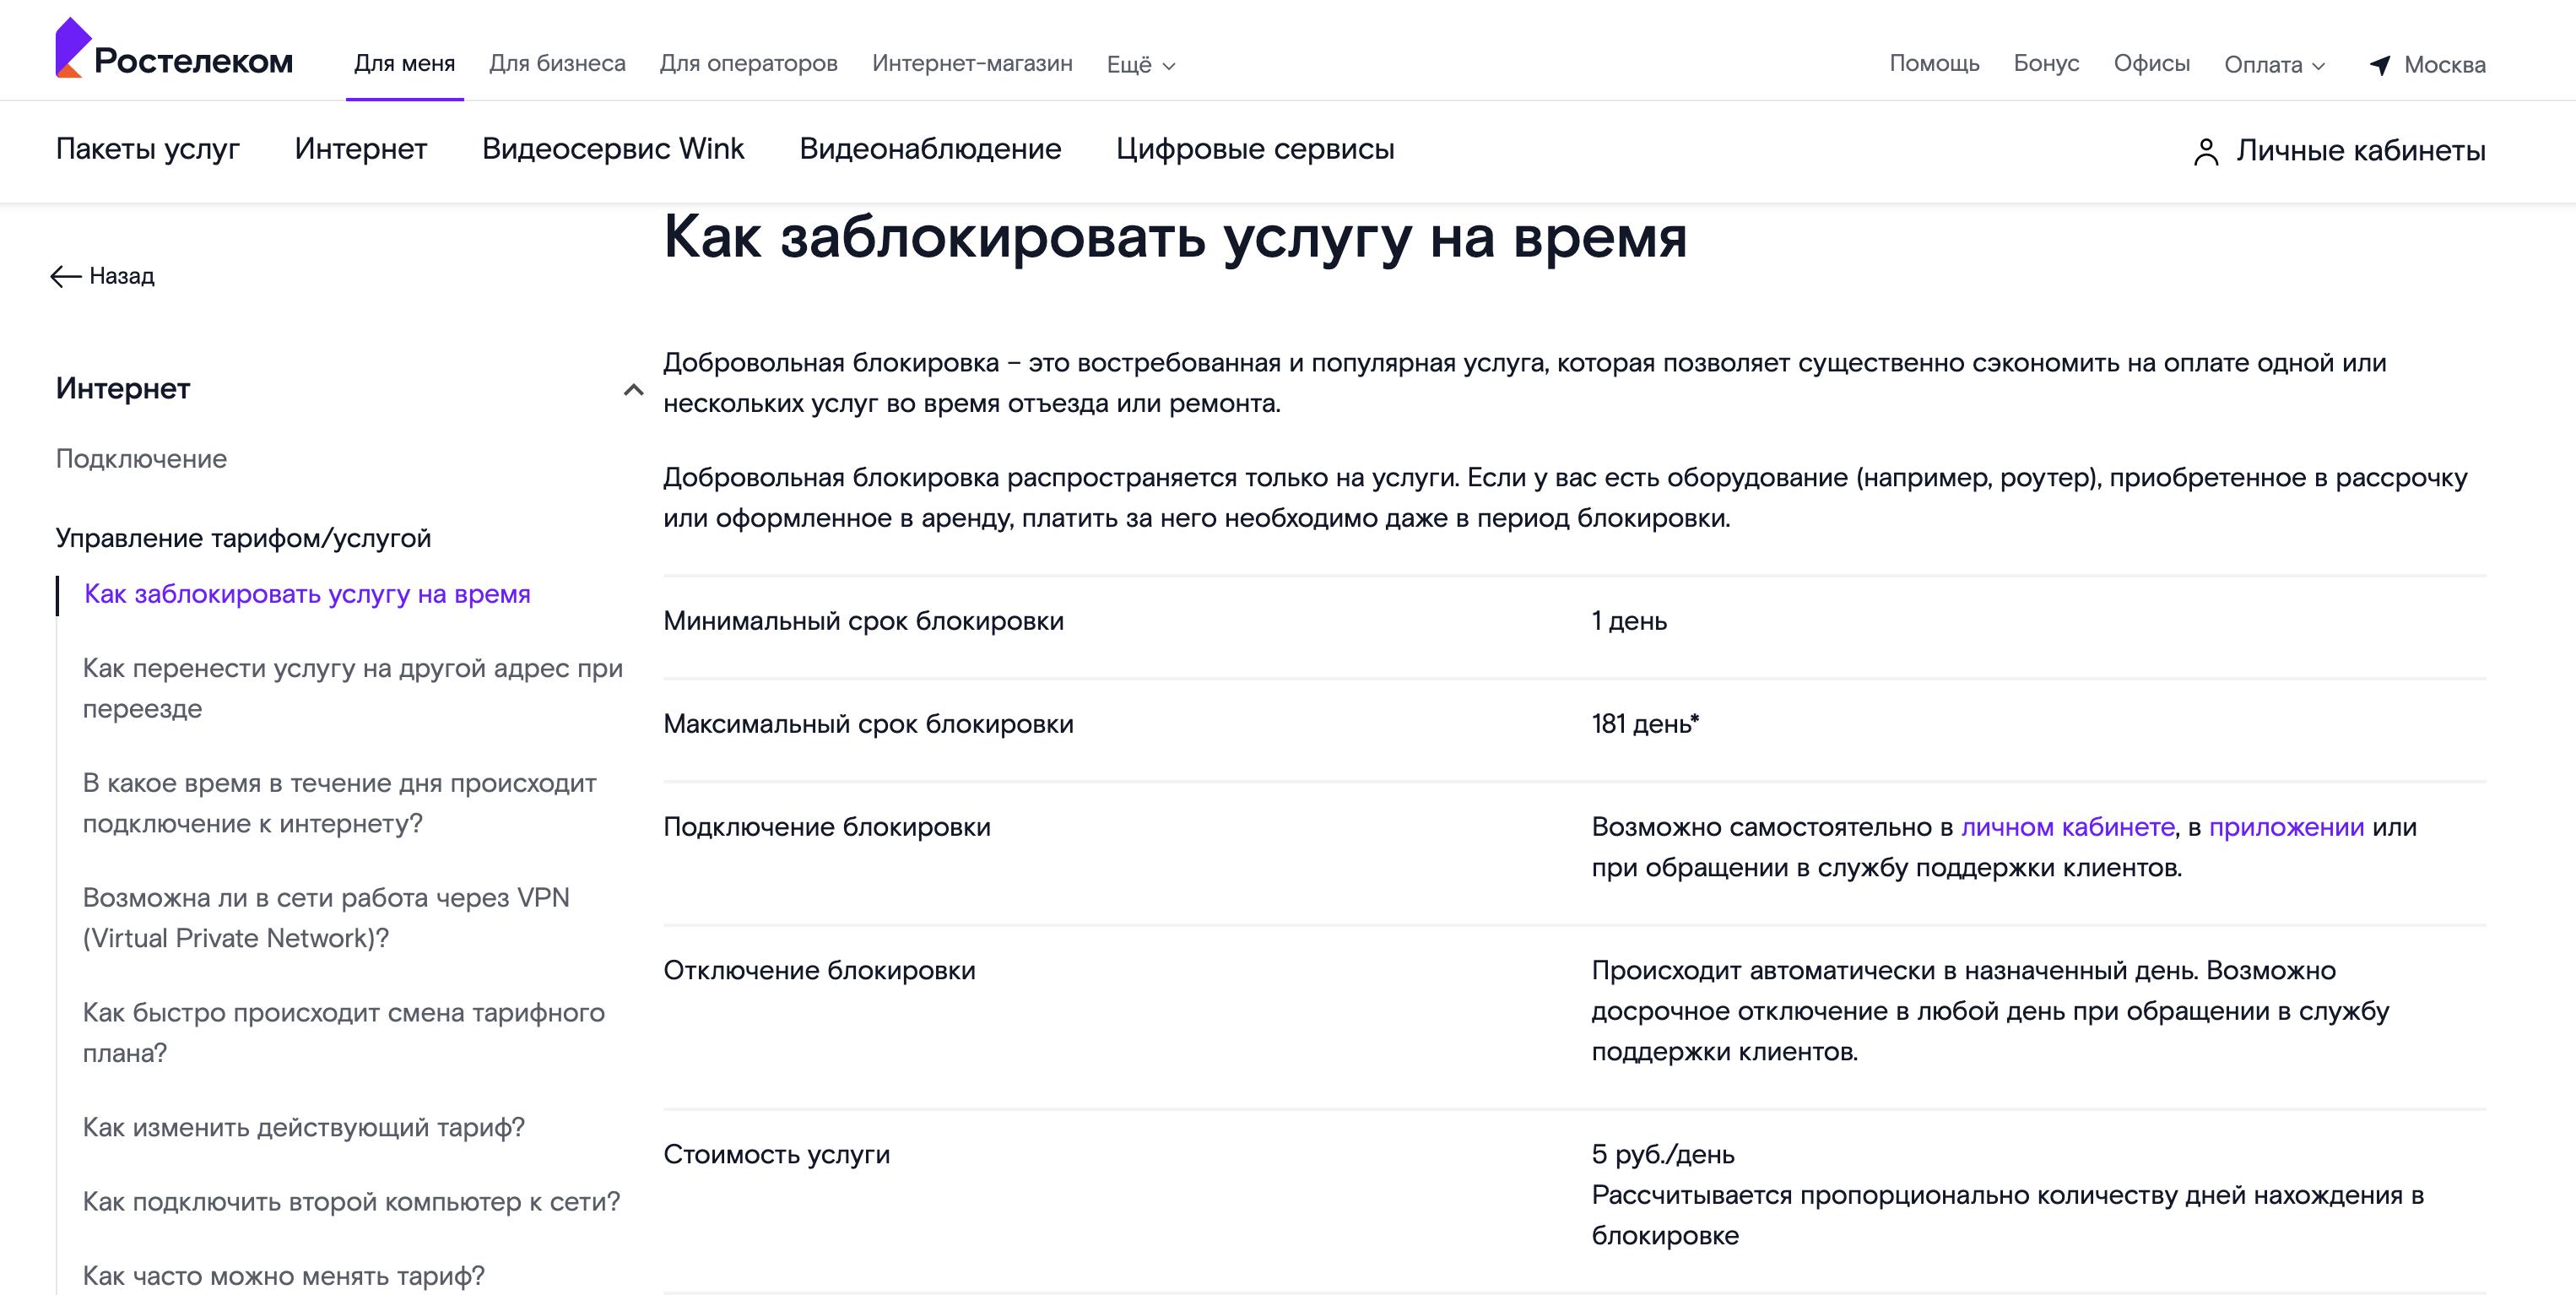 Как в Ростелекоме приостановить или заблокировать интернет в личном кабинете